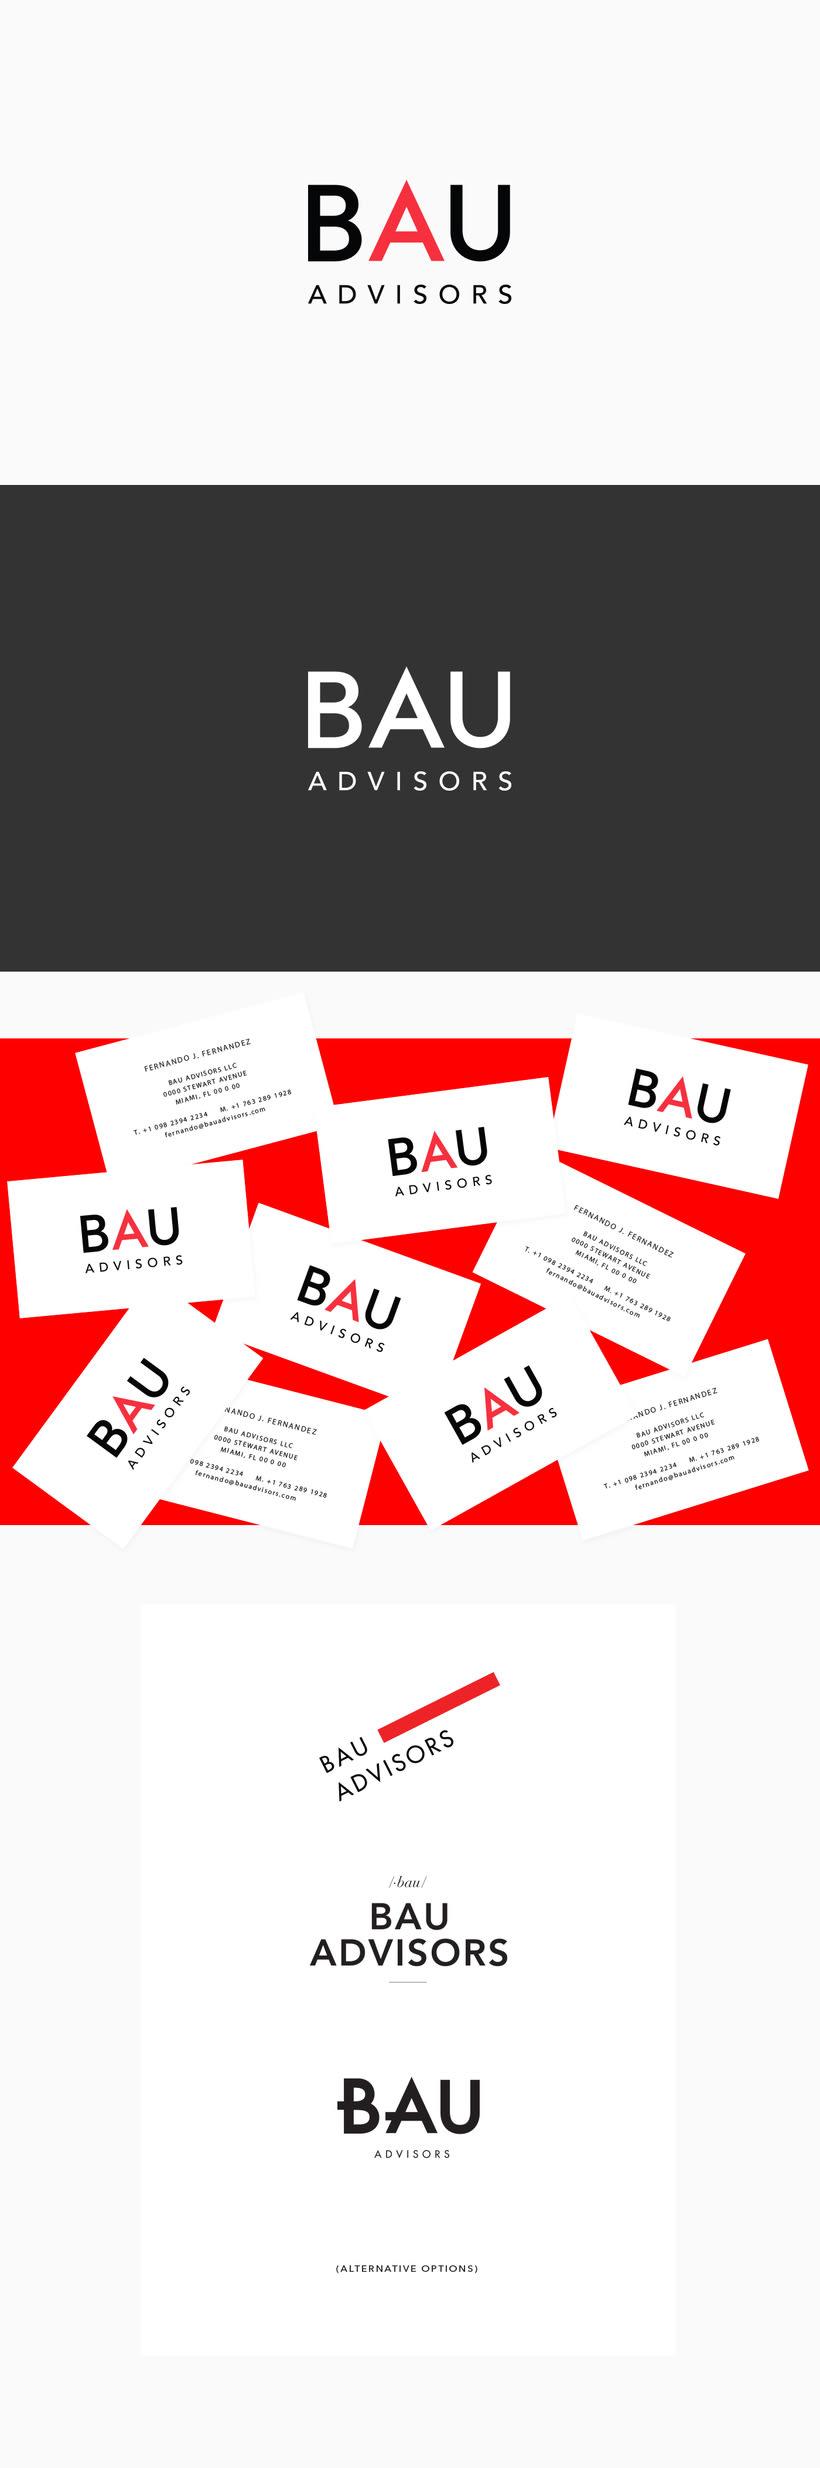 Bau Advisors Logo 0